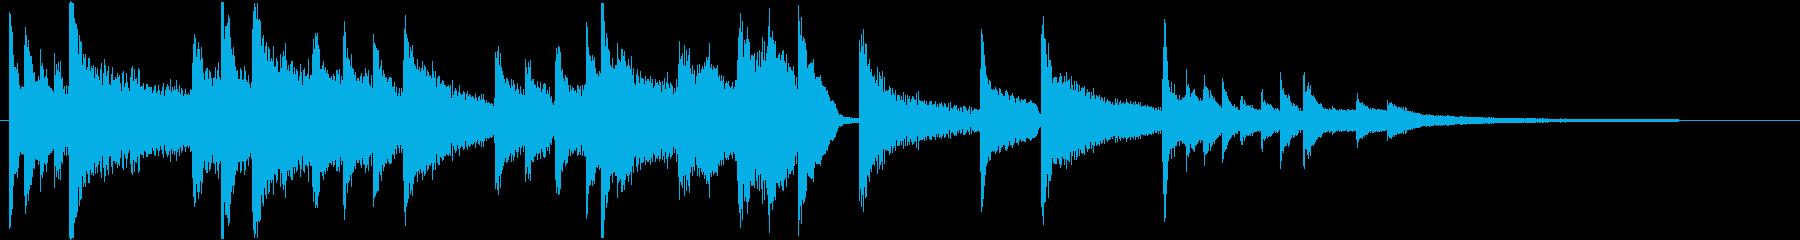 動画やゲーム向け!切ないピアノのジングルの再生済みの波形